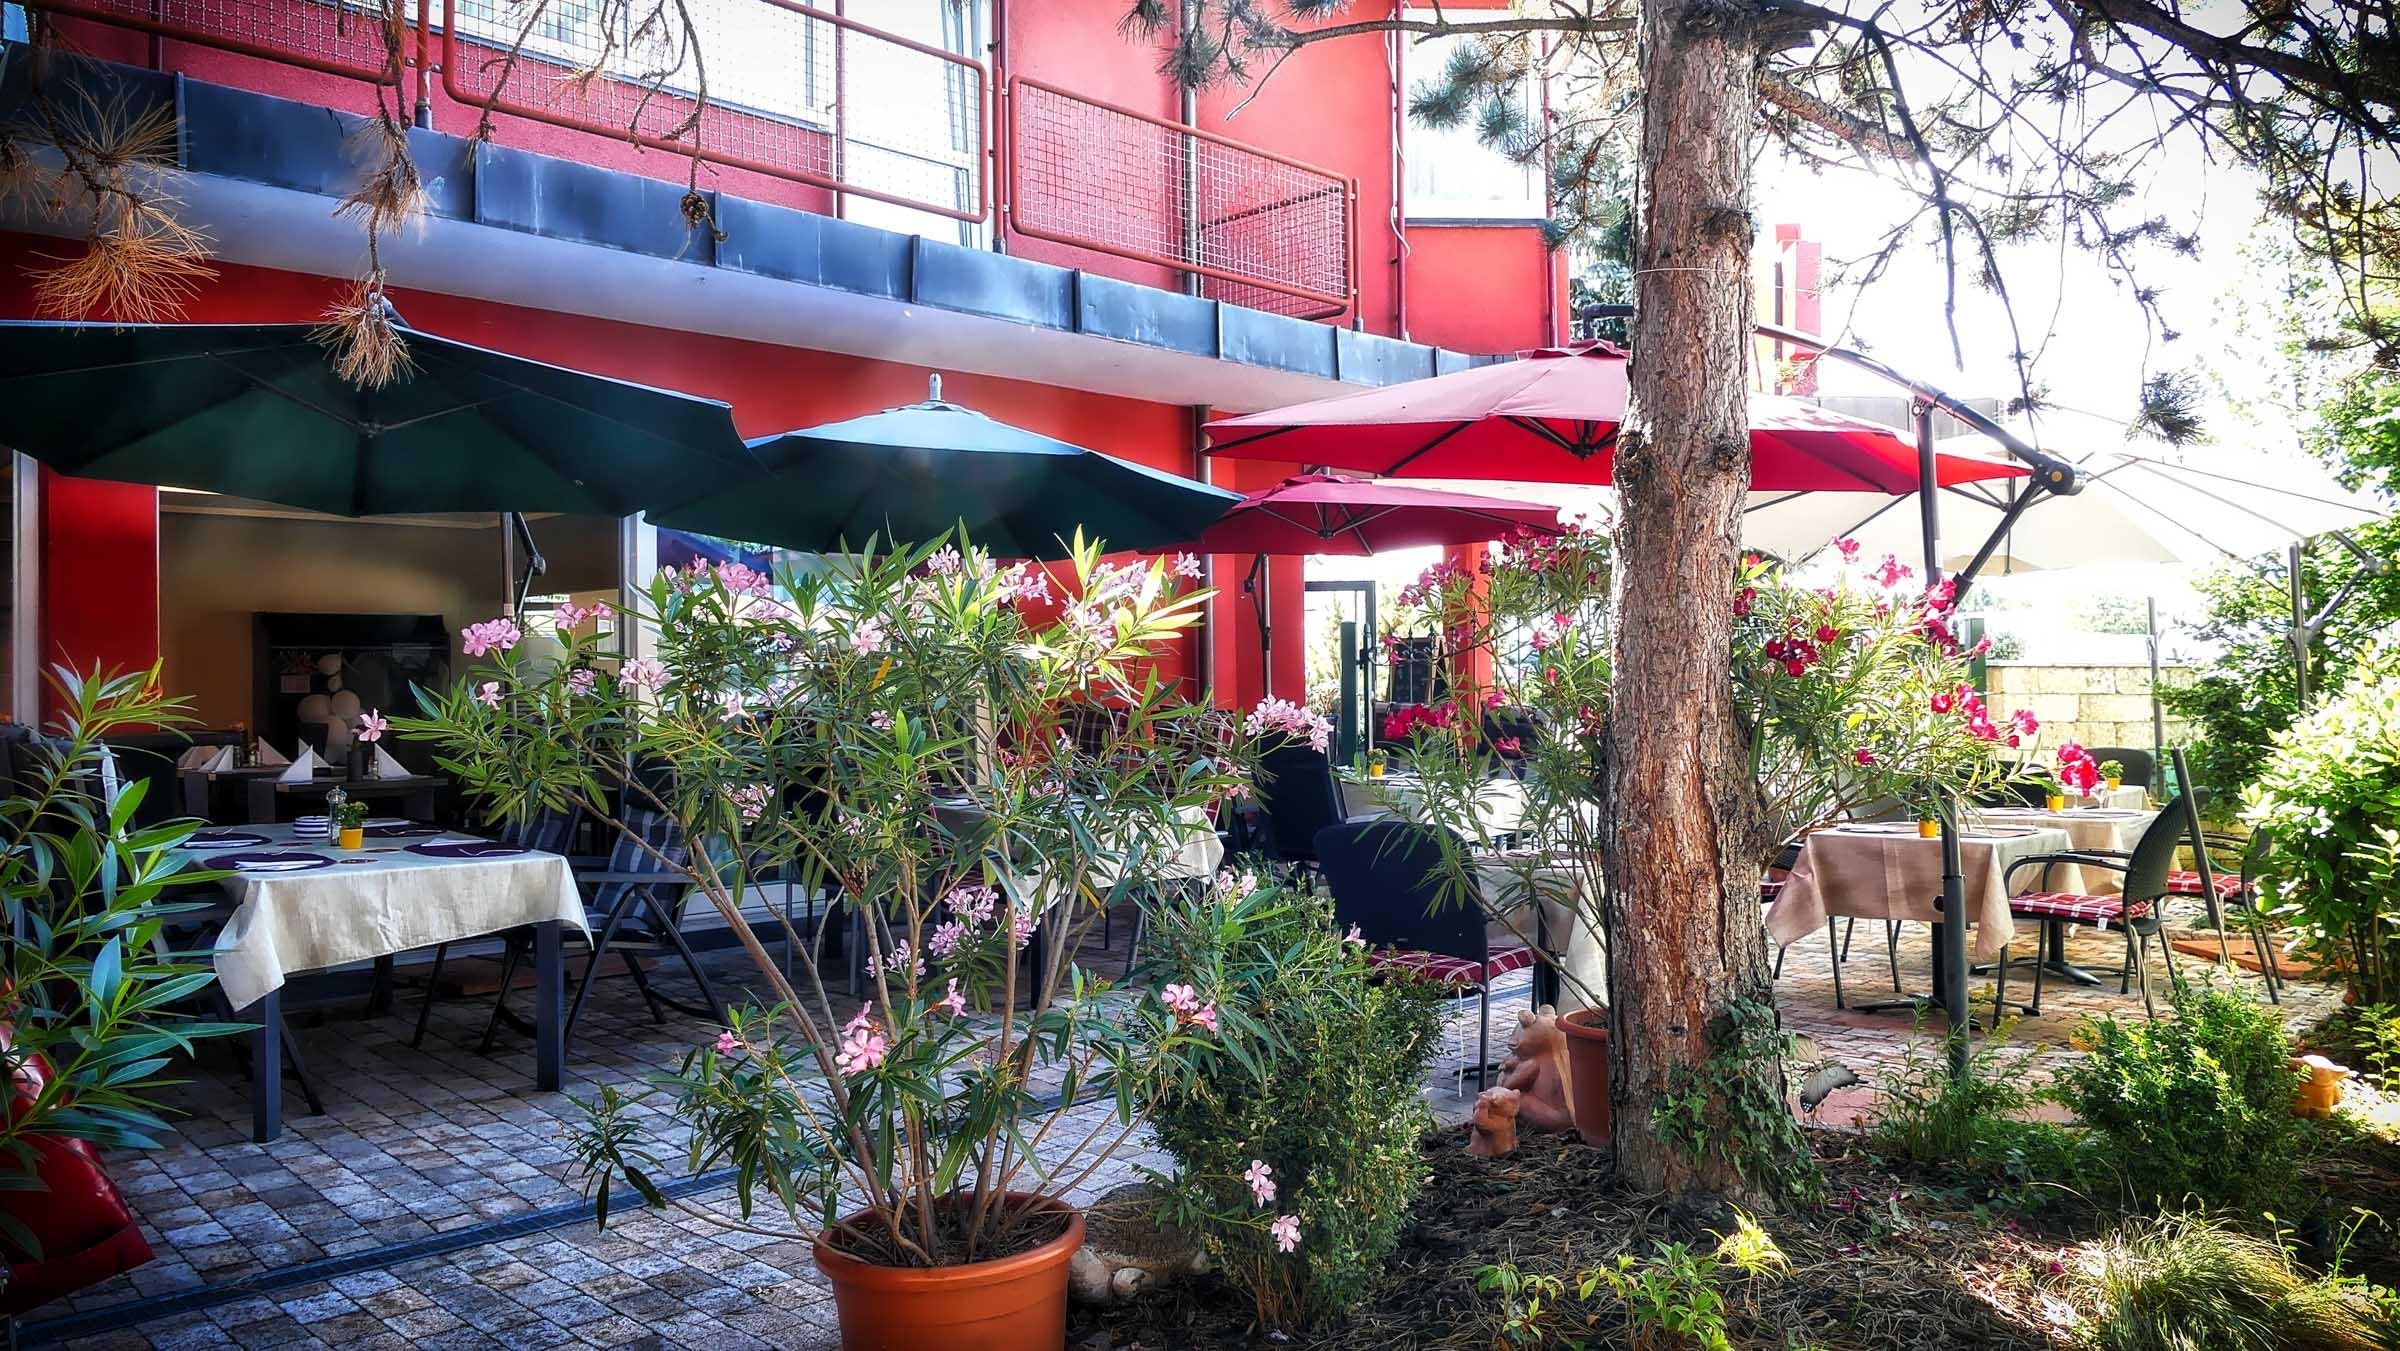 Fritz Hotel Restaurant in Weil am Rhein